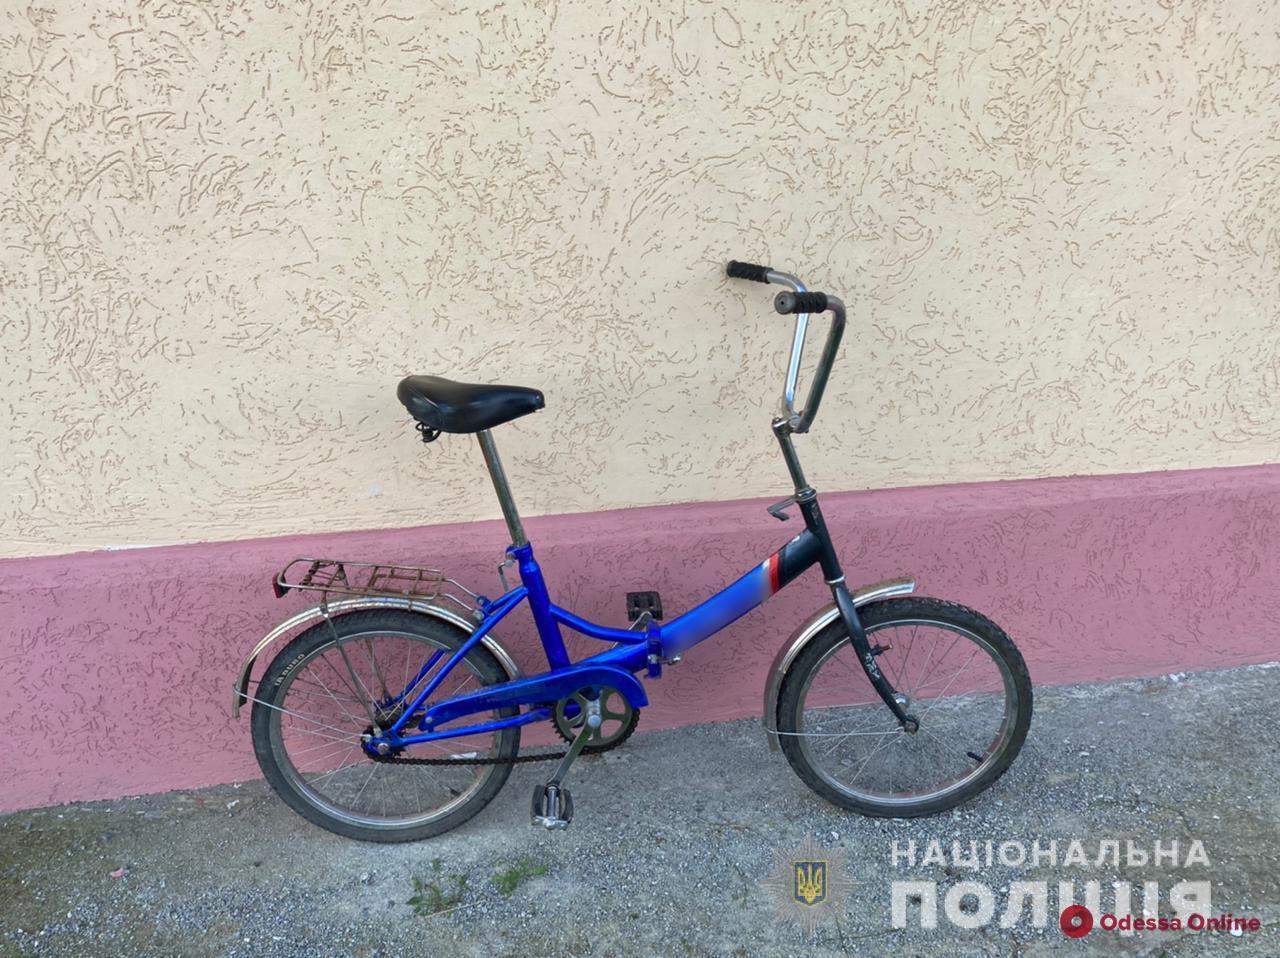 Рецидивист из Одесской области попался на краже детского велосипеда. Его будут судить в седьмой раз